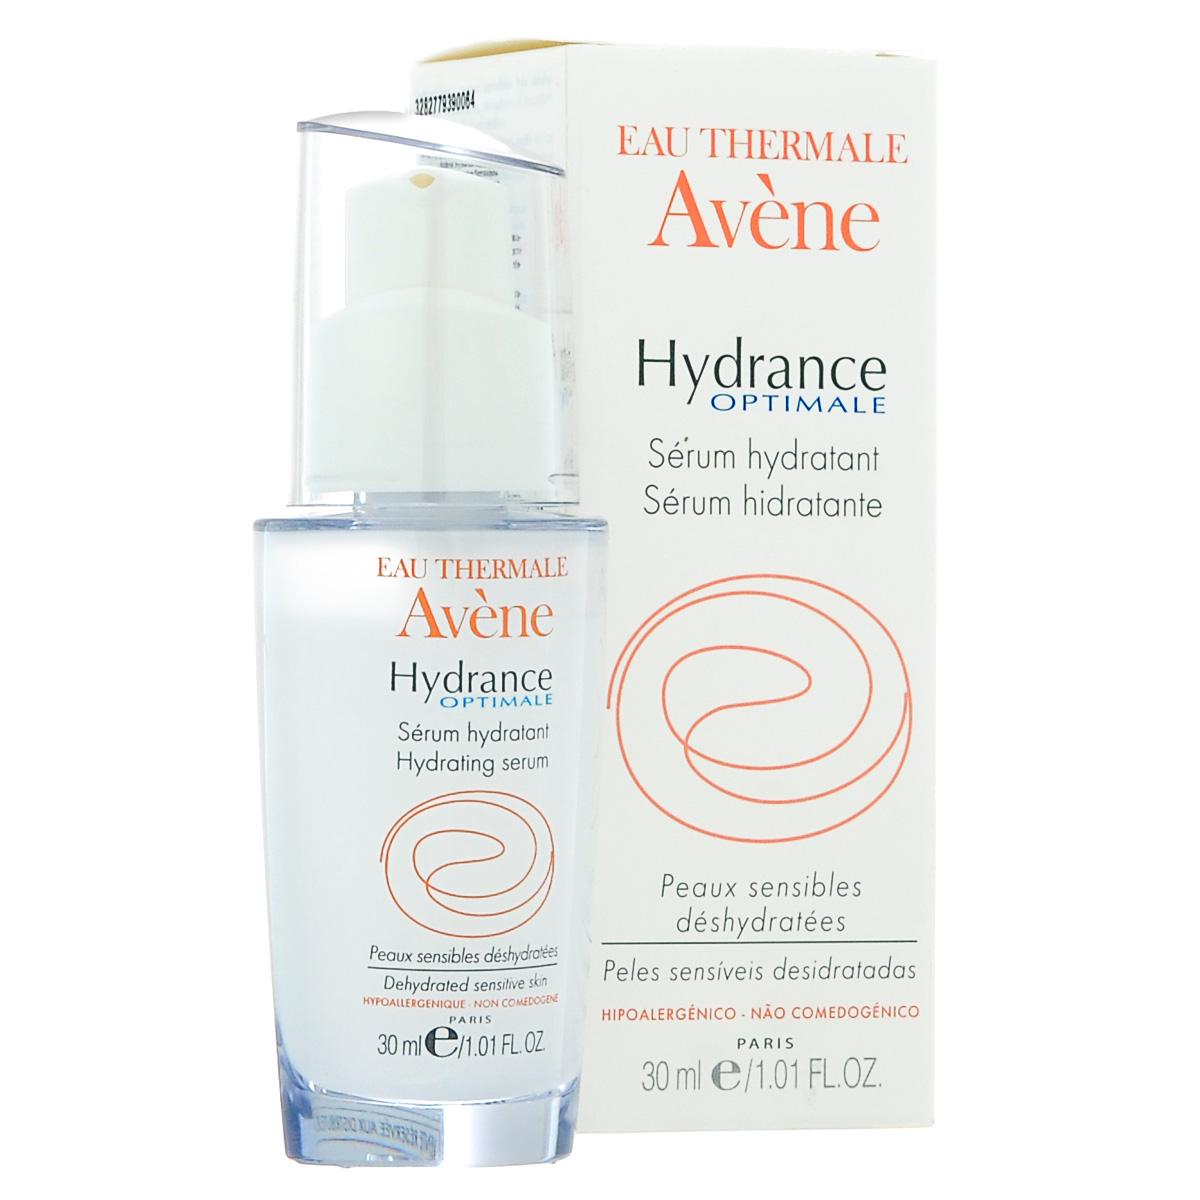 Avene Увлажняющая сыворотка для лица Hydrance 30 млC47873Сыворотка поддерживает оптимальный уровень увлажненности, так как удерживает воду в поверхностных слоях кожи благодаря гелеобразной 3D формуле образующейся из полимеров морского происхождения. Обепечивает глубокое и интенсивное увлажнение чувствительной кожи, успокаивает и снимает раздражение, благодаря успокаивающим и снимающим раздражение свойствам Термальной воды Avеne.